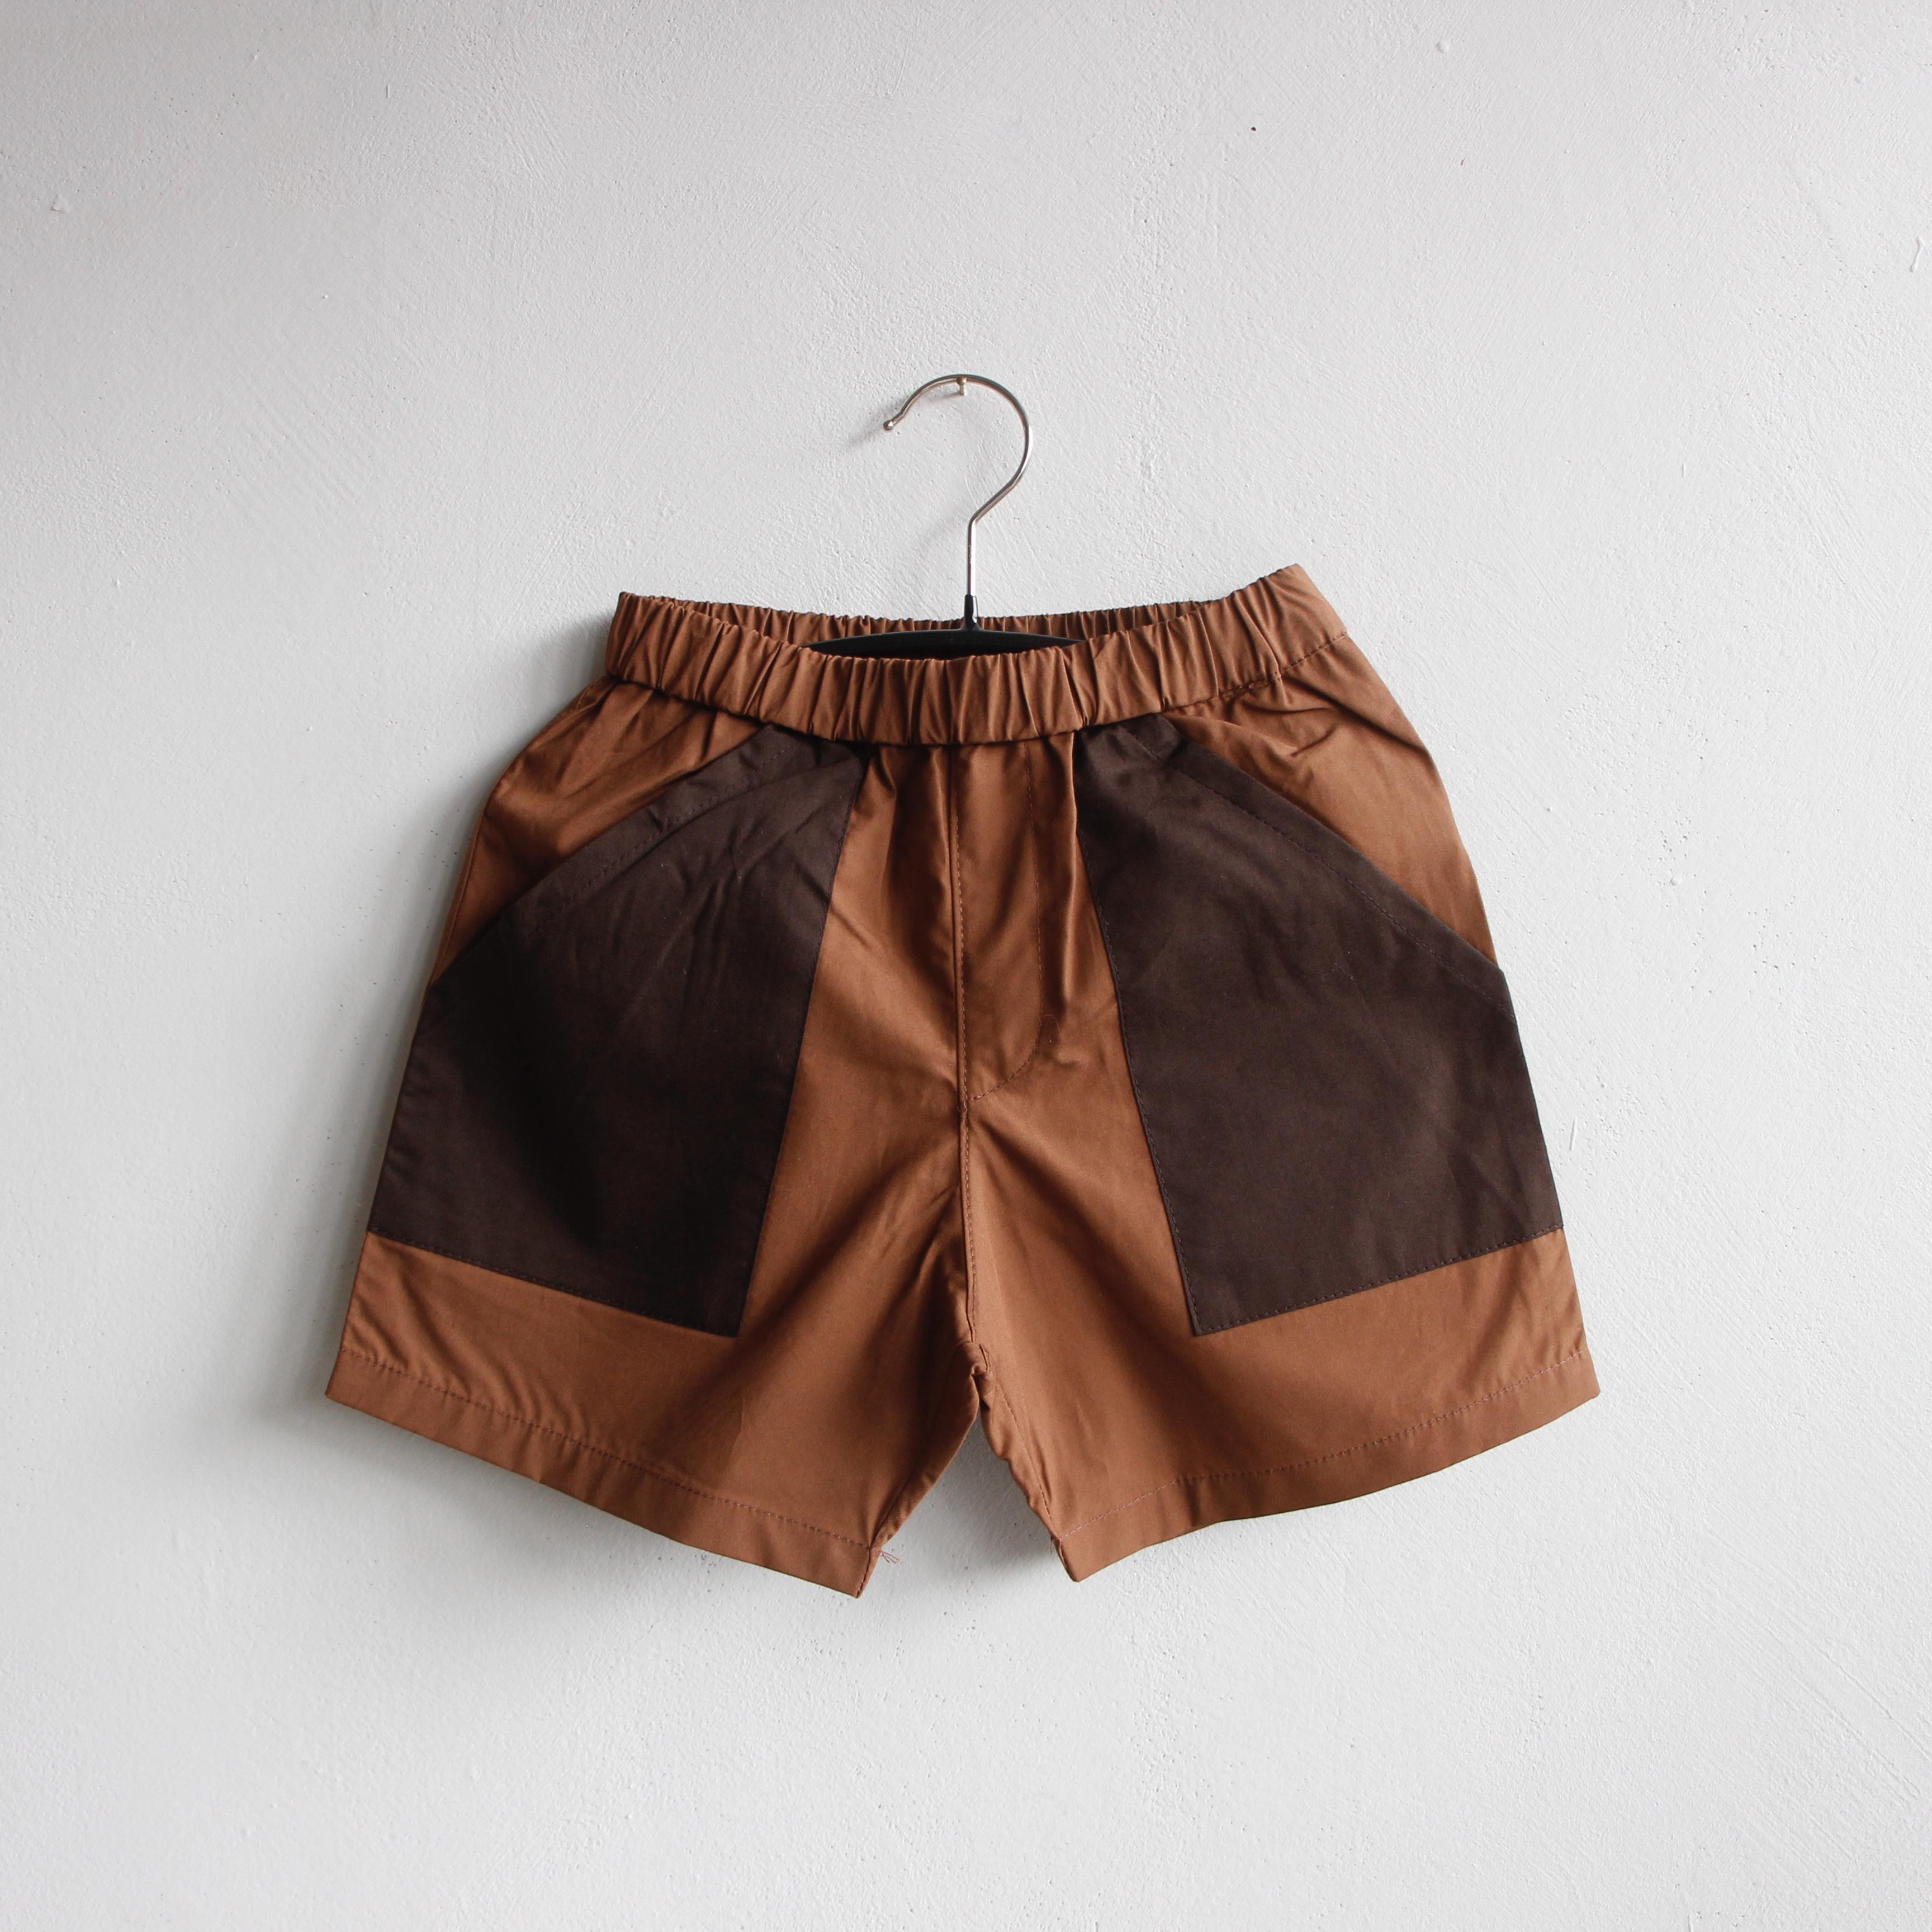 《eLfinFolk 2021SS》typwriter shorts / brown / 80-130cm